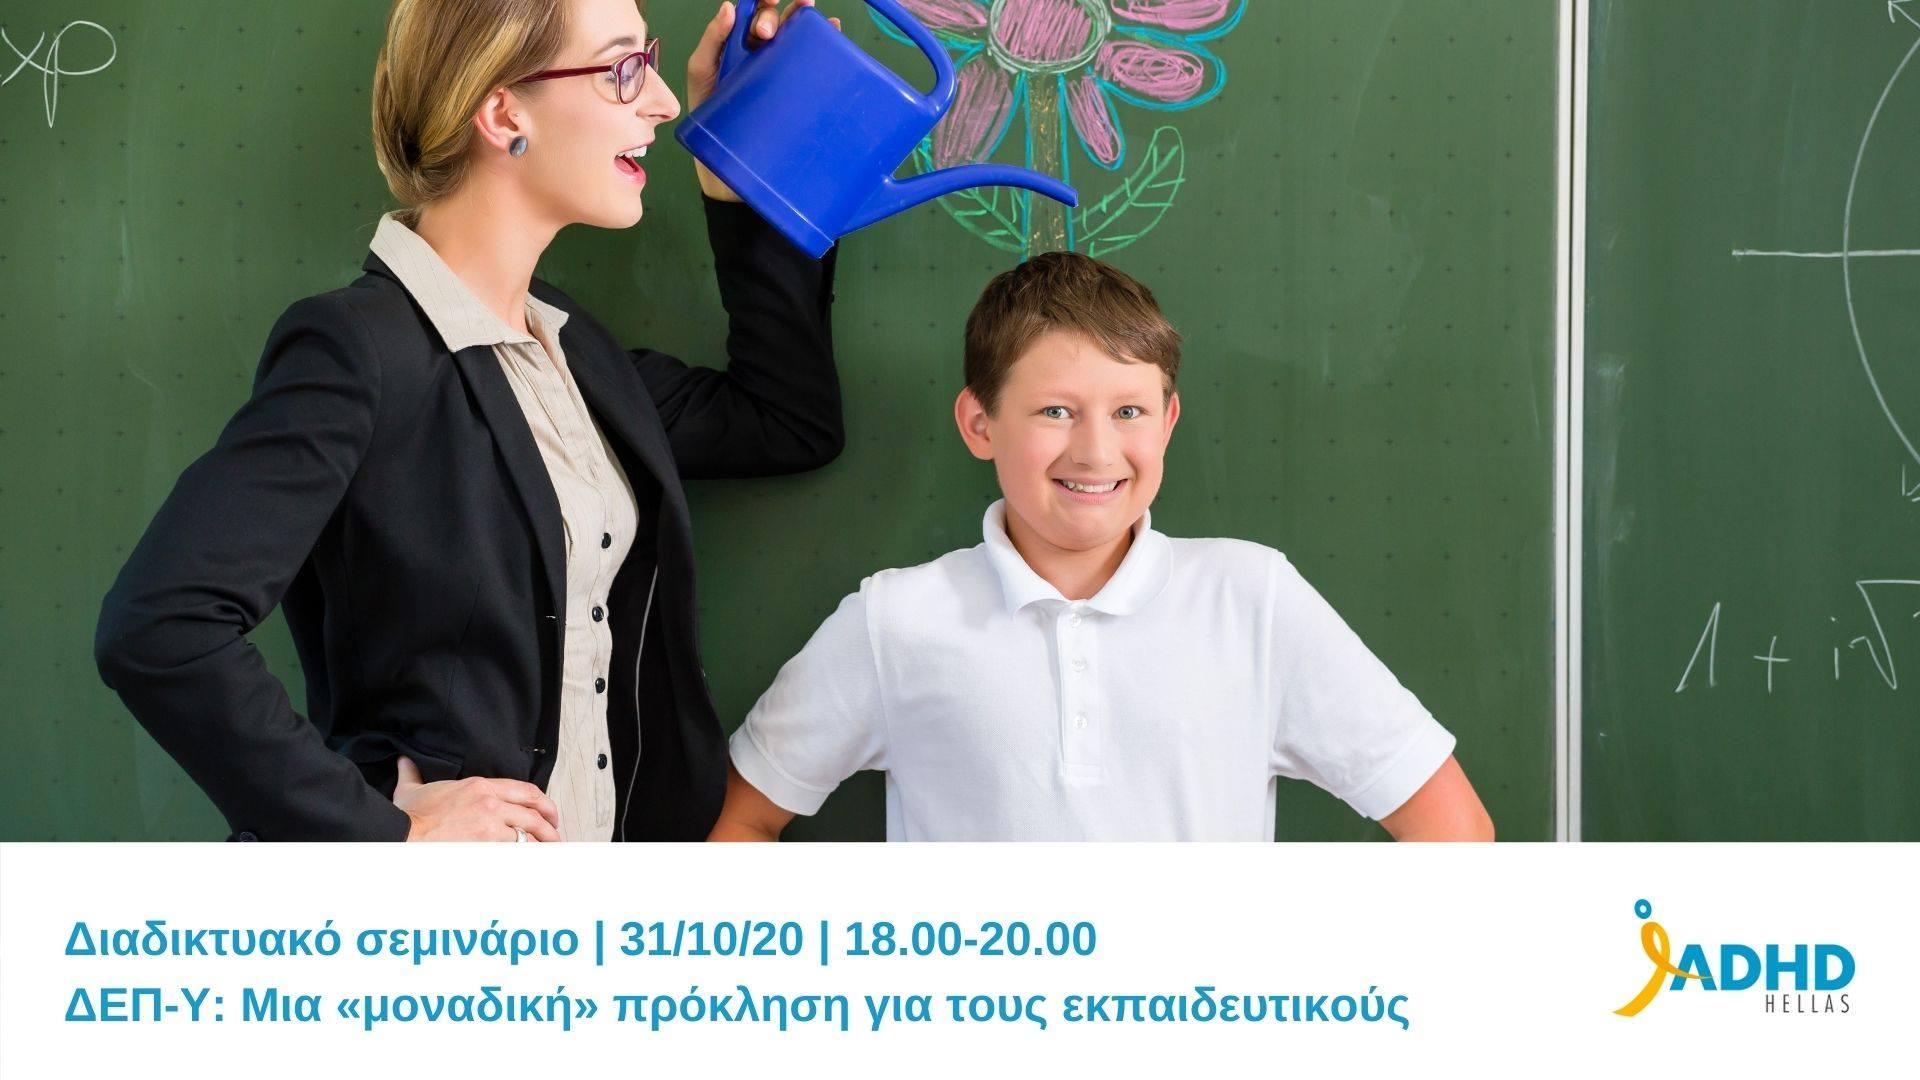 ADHD Hellas: Διαδικτυακό Σεμινάριο 31/10/2020 για τη διαχείριση των μαθητών με ΔΕΠ-Υ